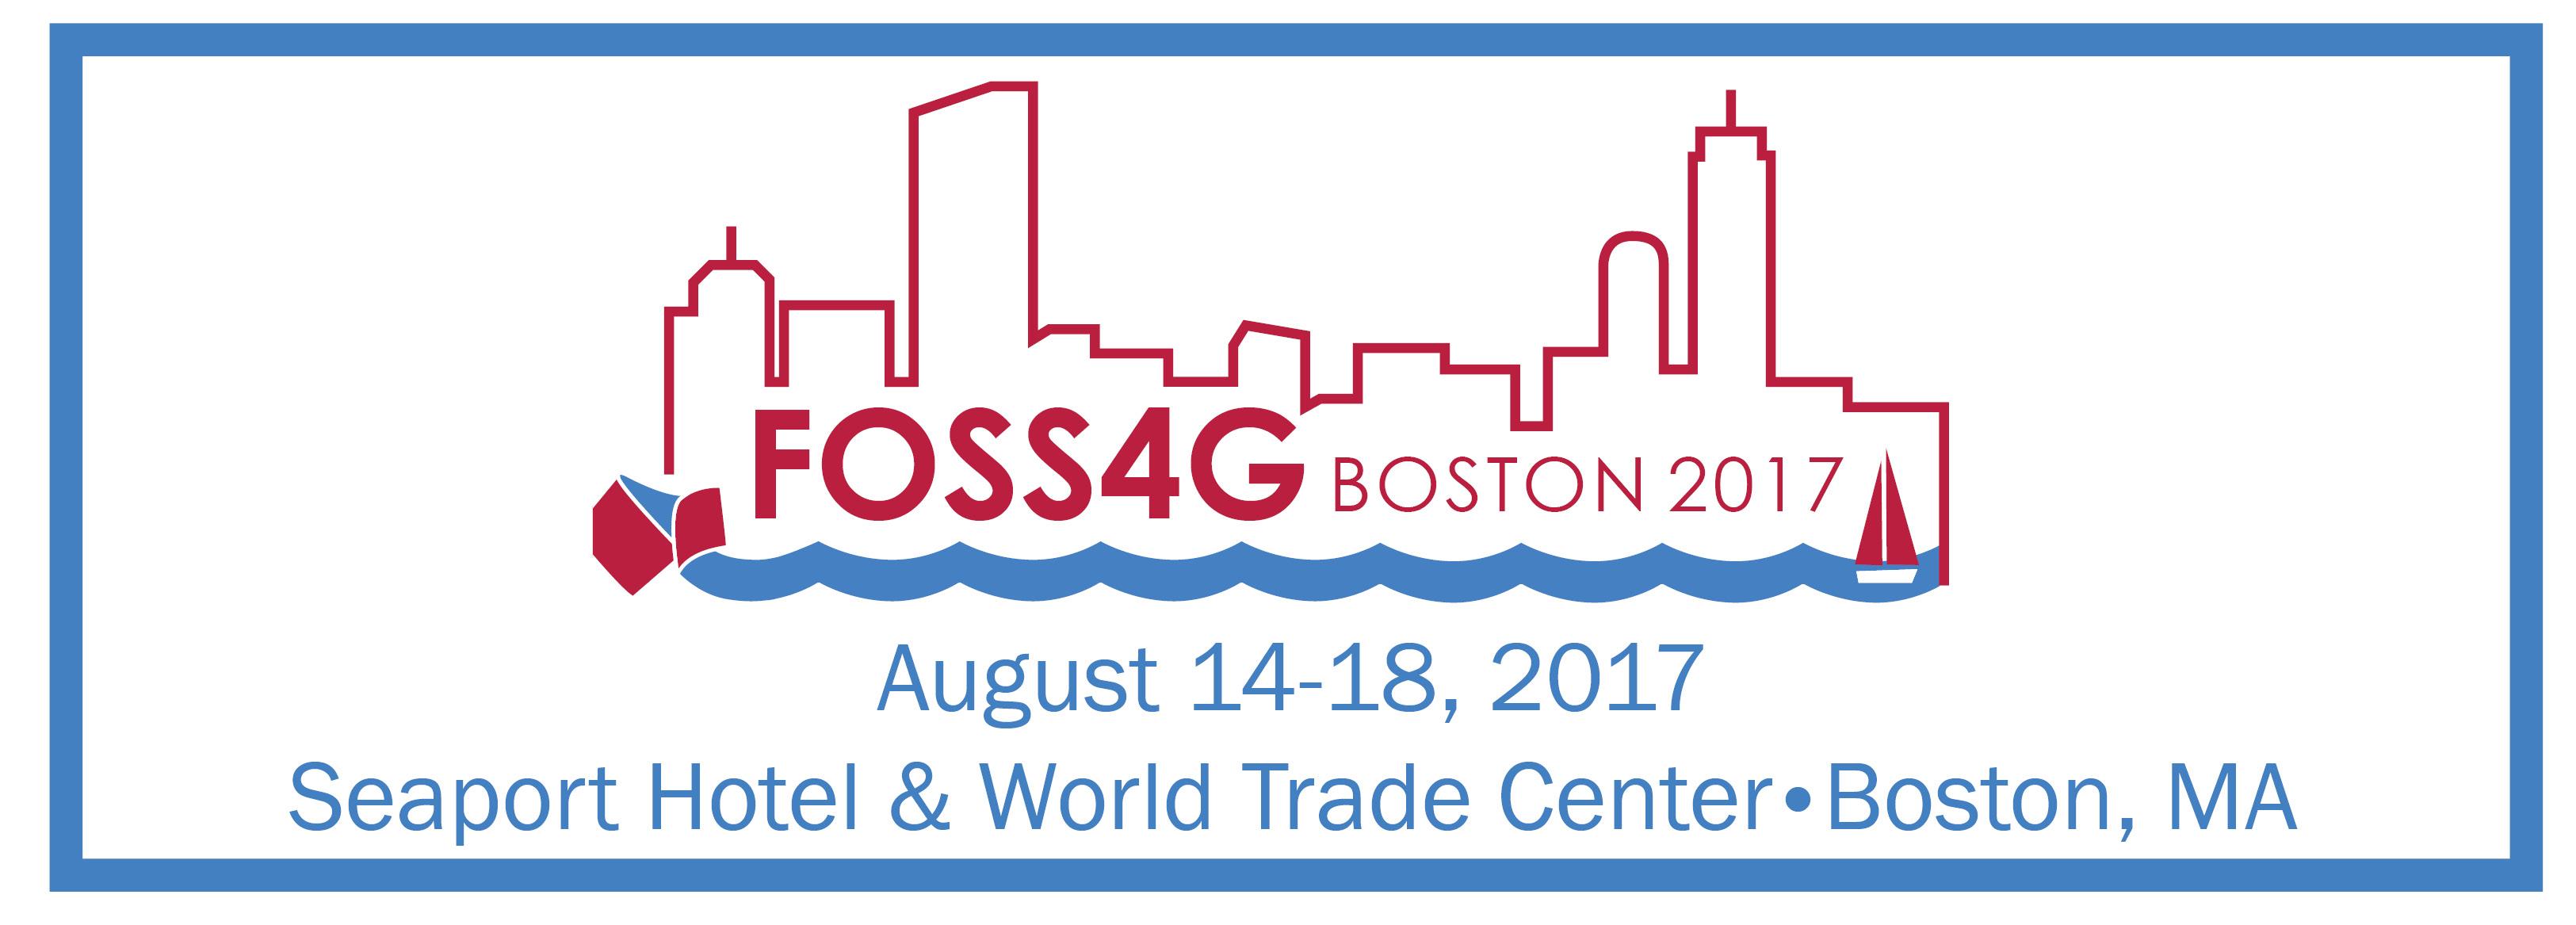 FOSS4G Boston 2017 - Sponsor Registration